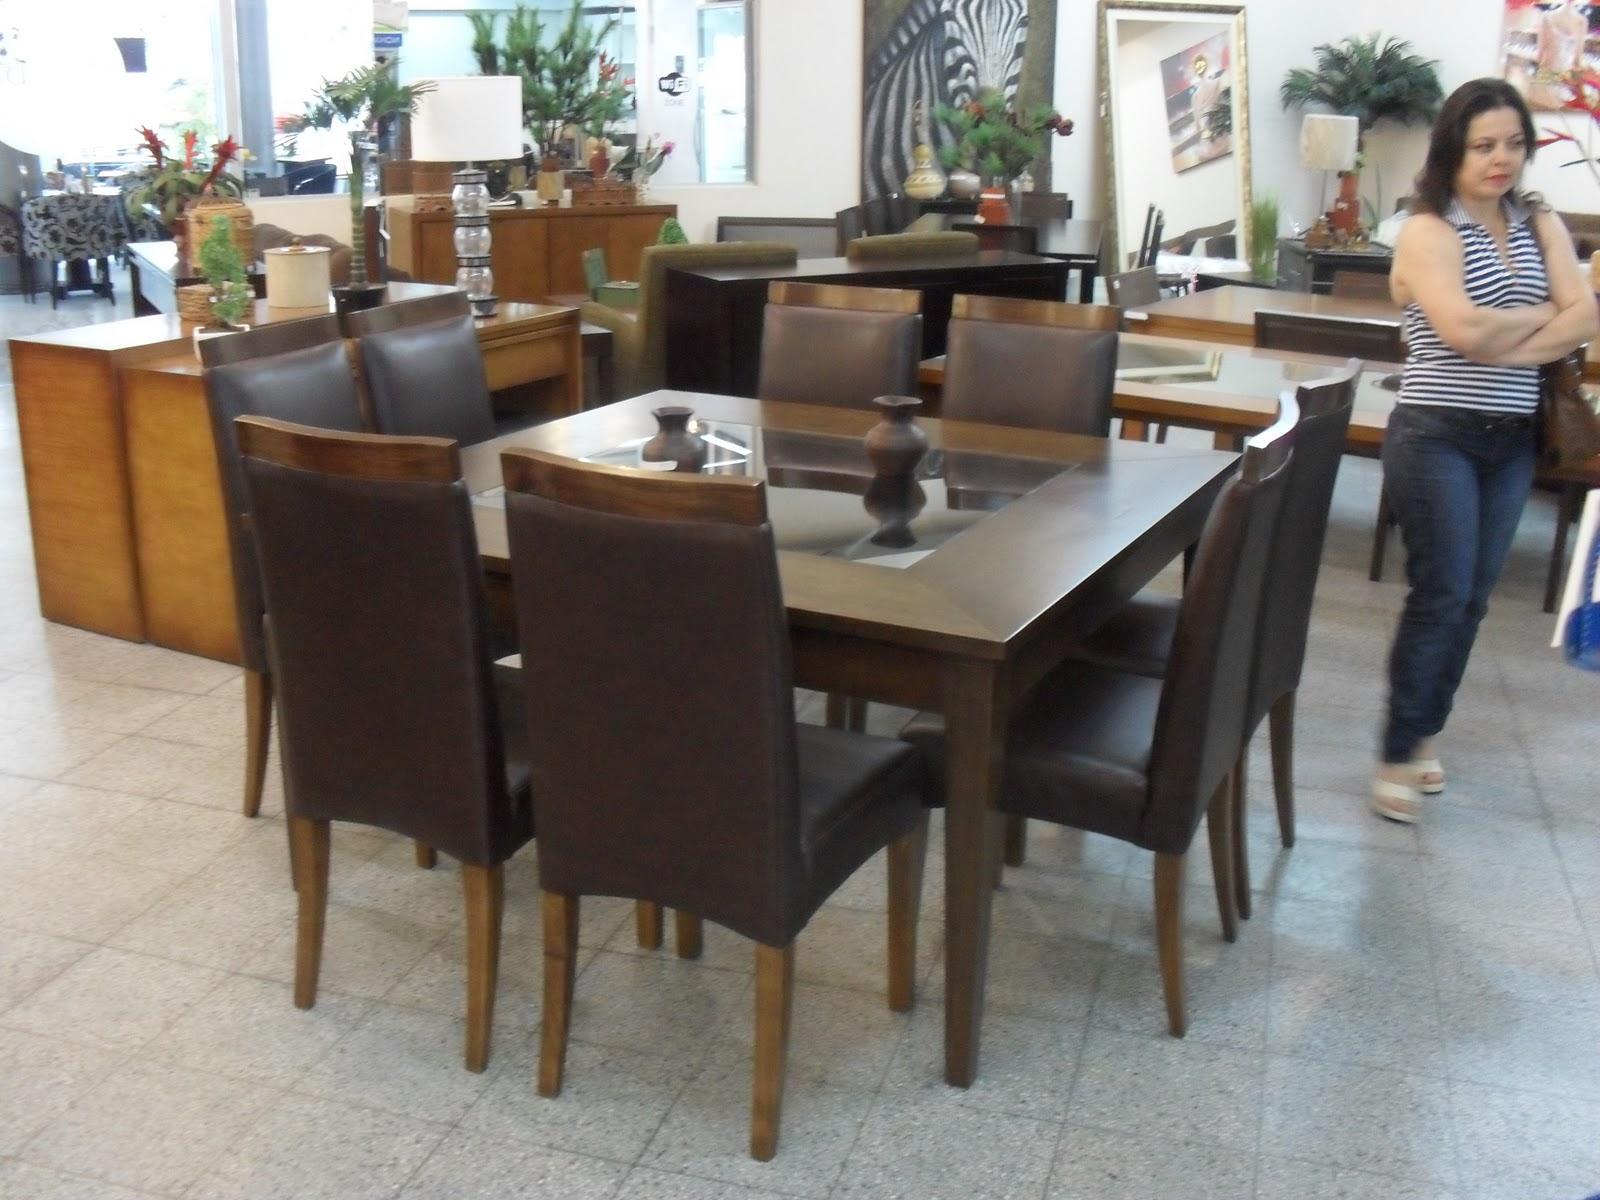 Ml muebles mesas y juego de comedor ml for Juego de comedor y muebles